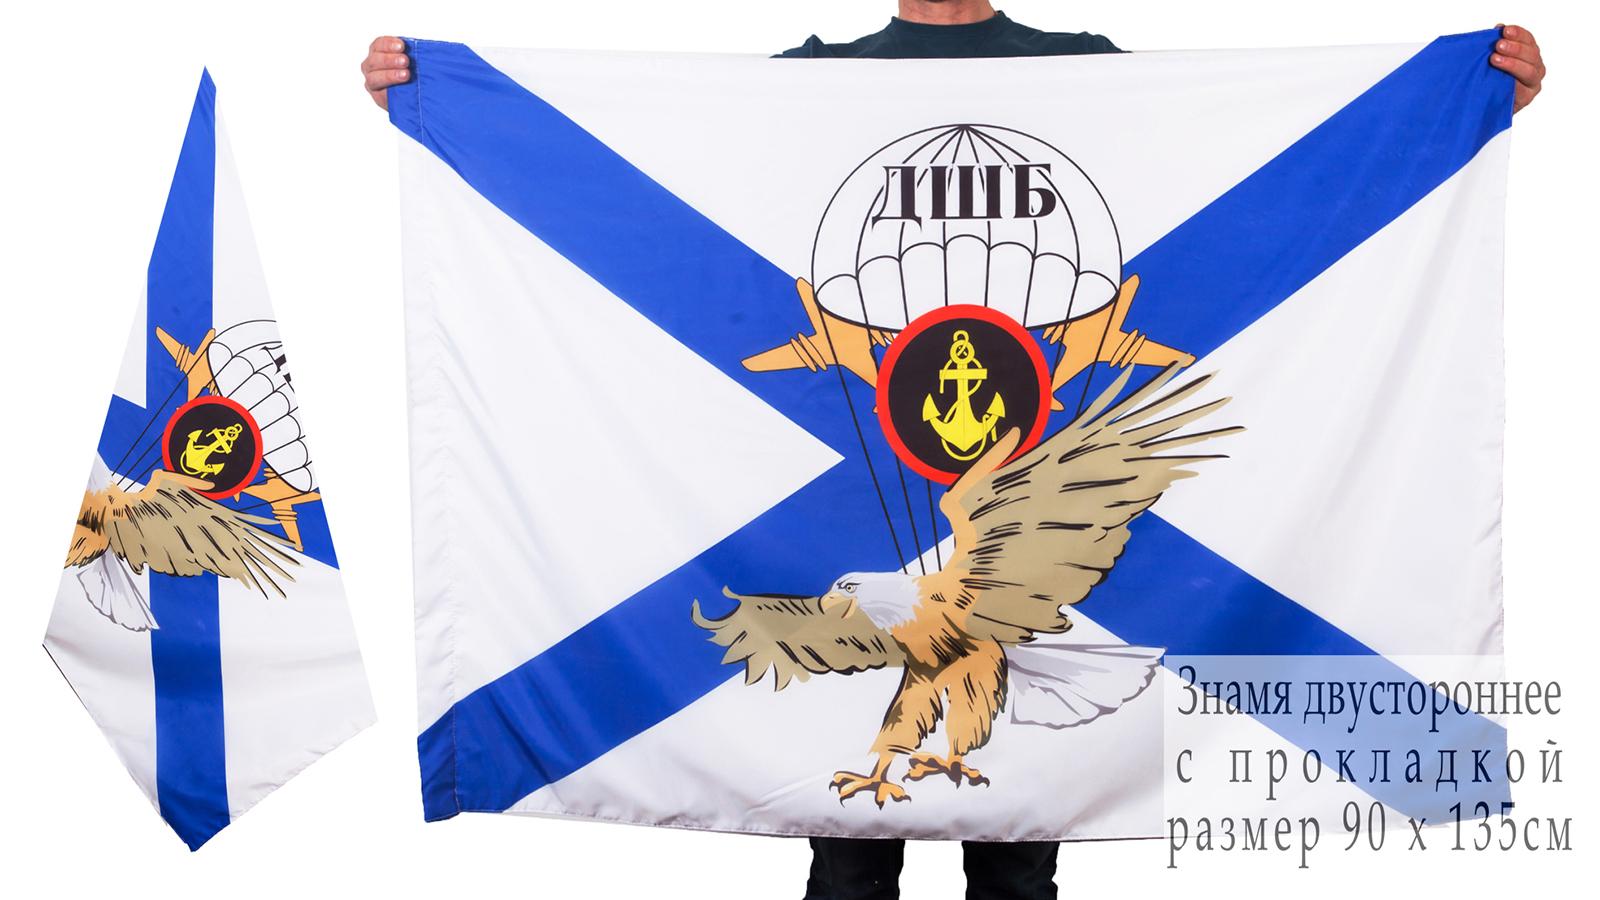 Купить двухсторонний флаг ДШБ Морской пехоты